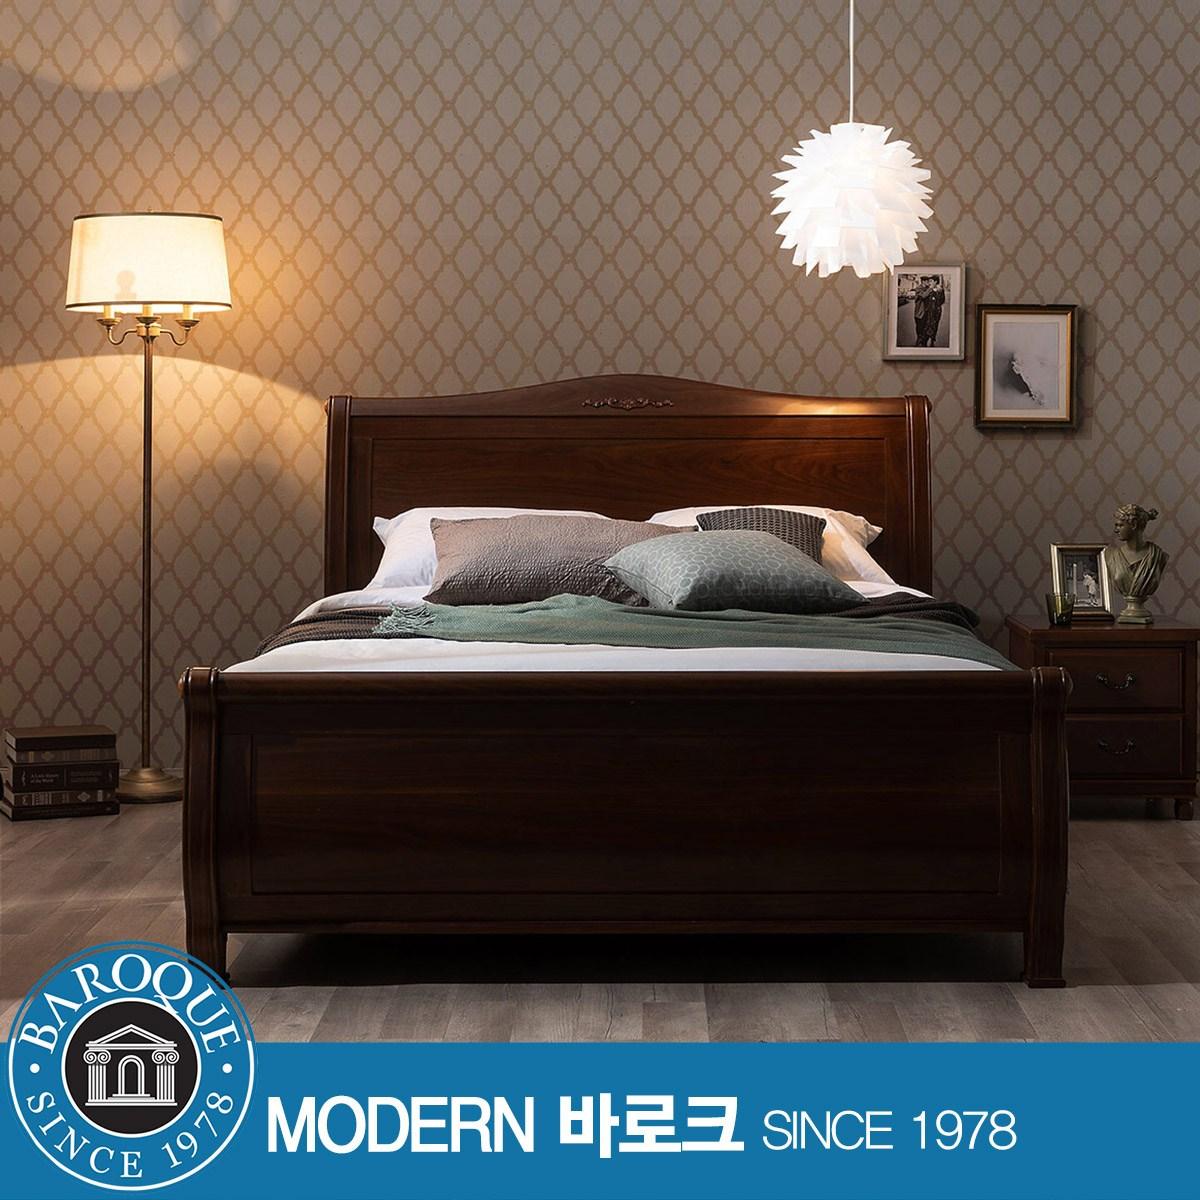 [모던바로크] W 마테라W) 천연무늬목 평상형 퀸 침대 / 프레임, 월넛브라운